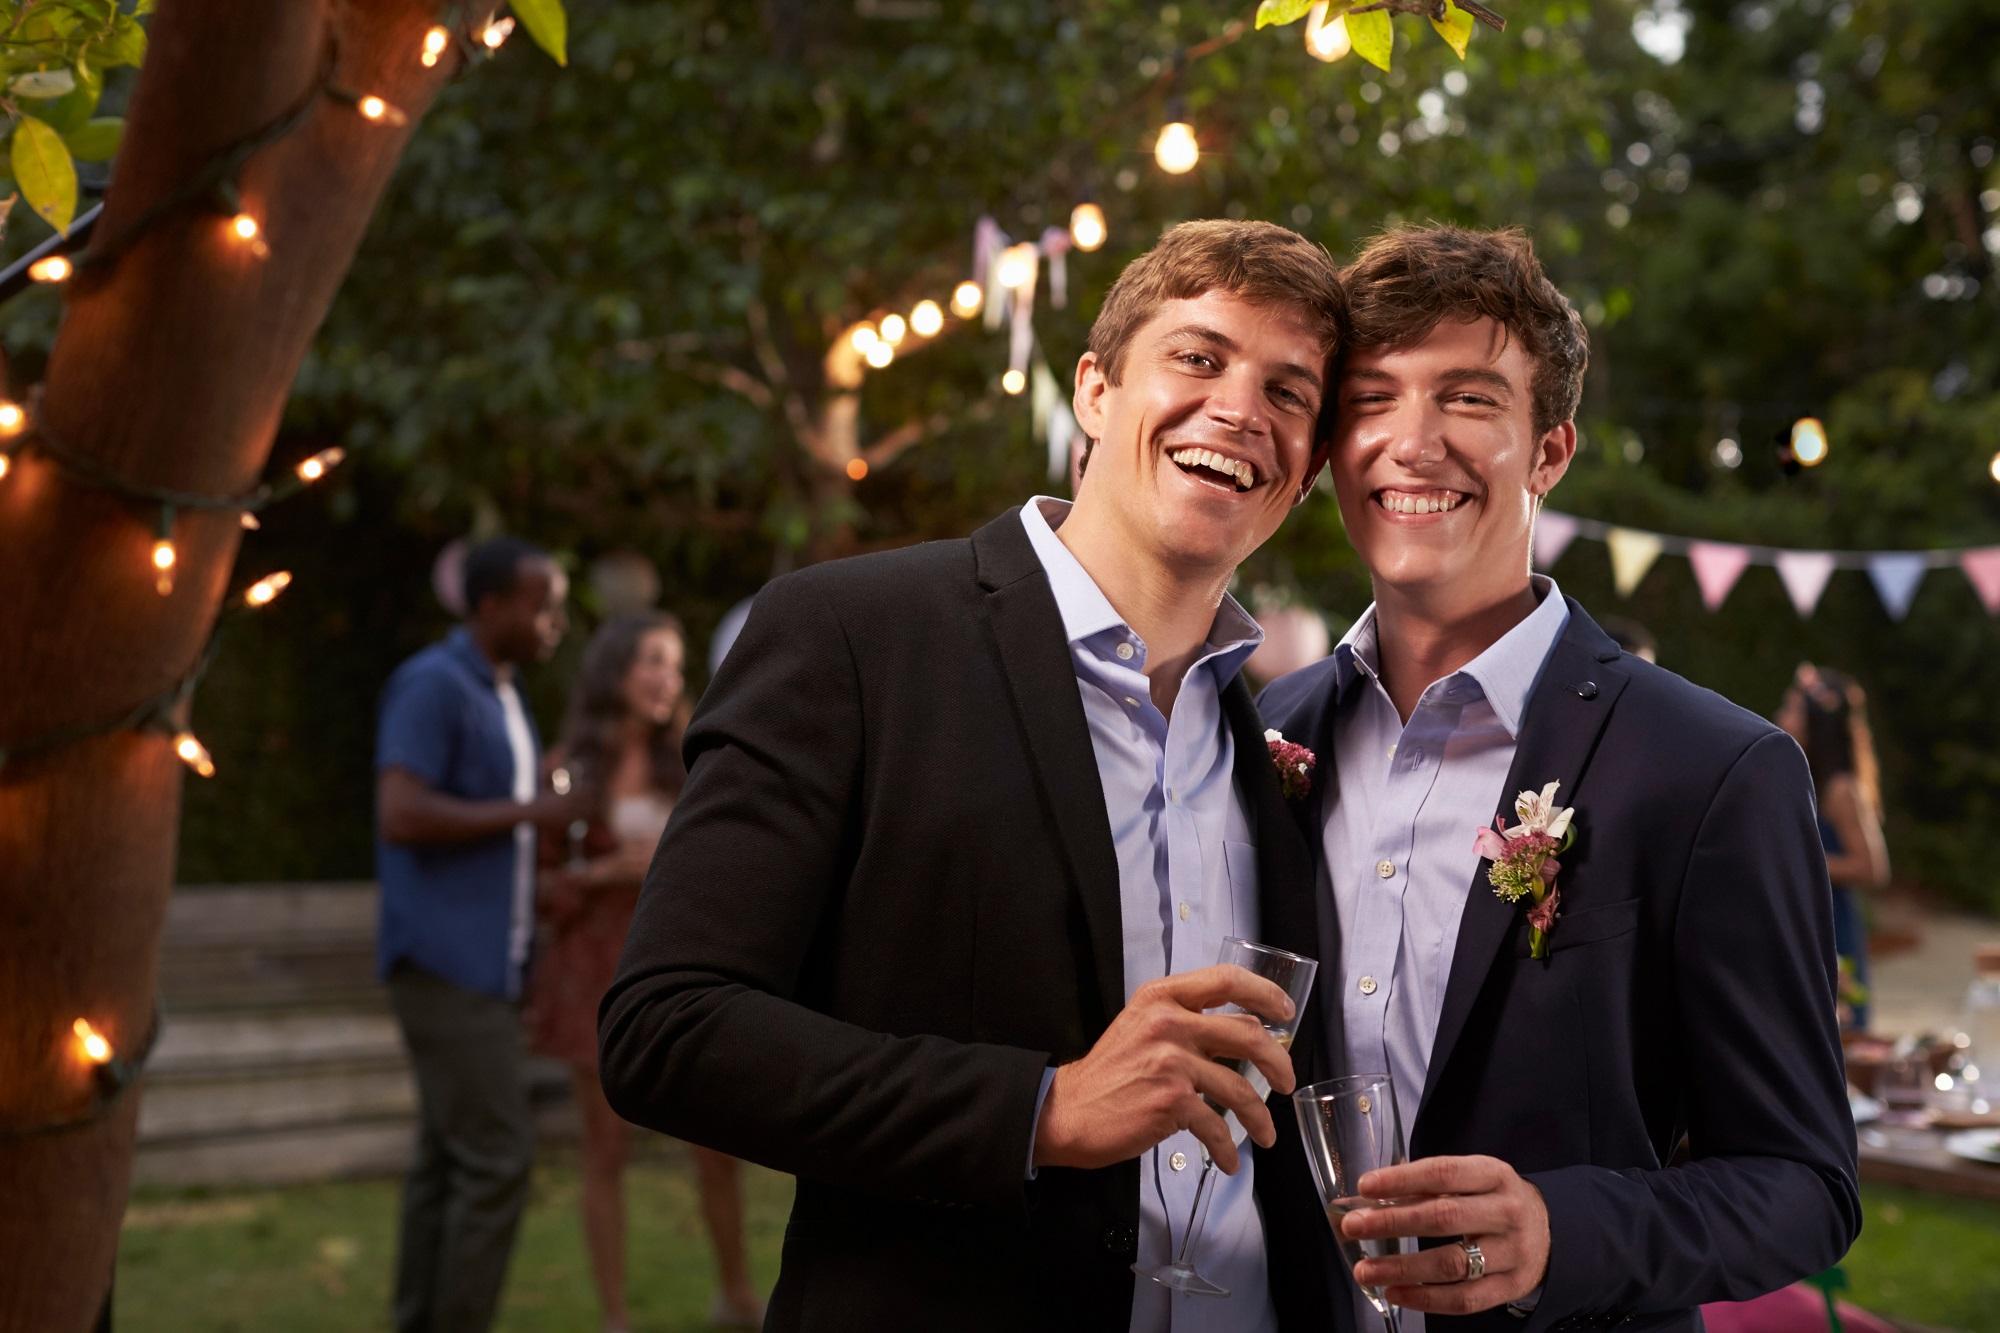 rencontre gratuite gay wedding venues a Saint-Etienne